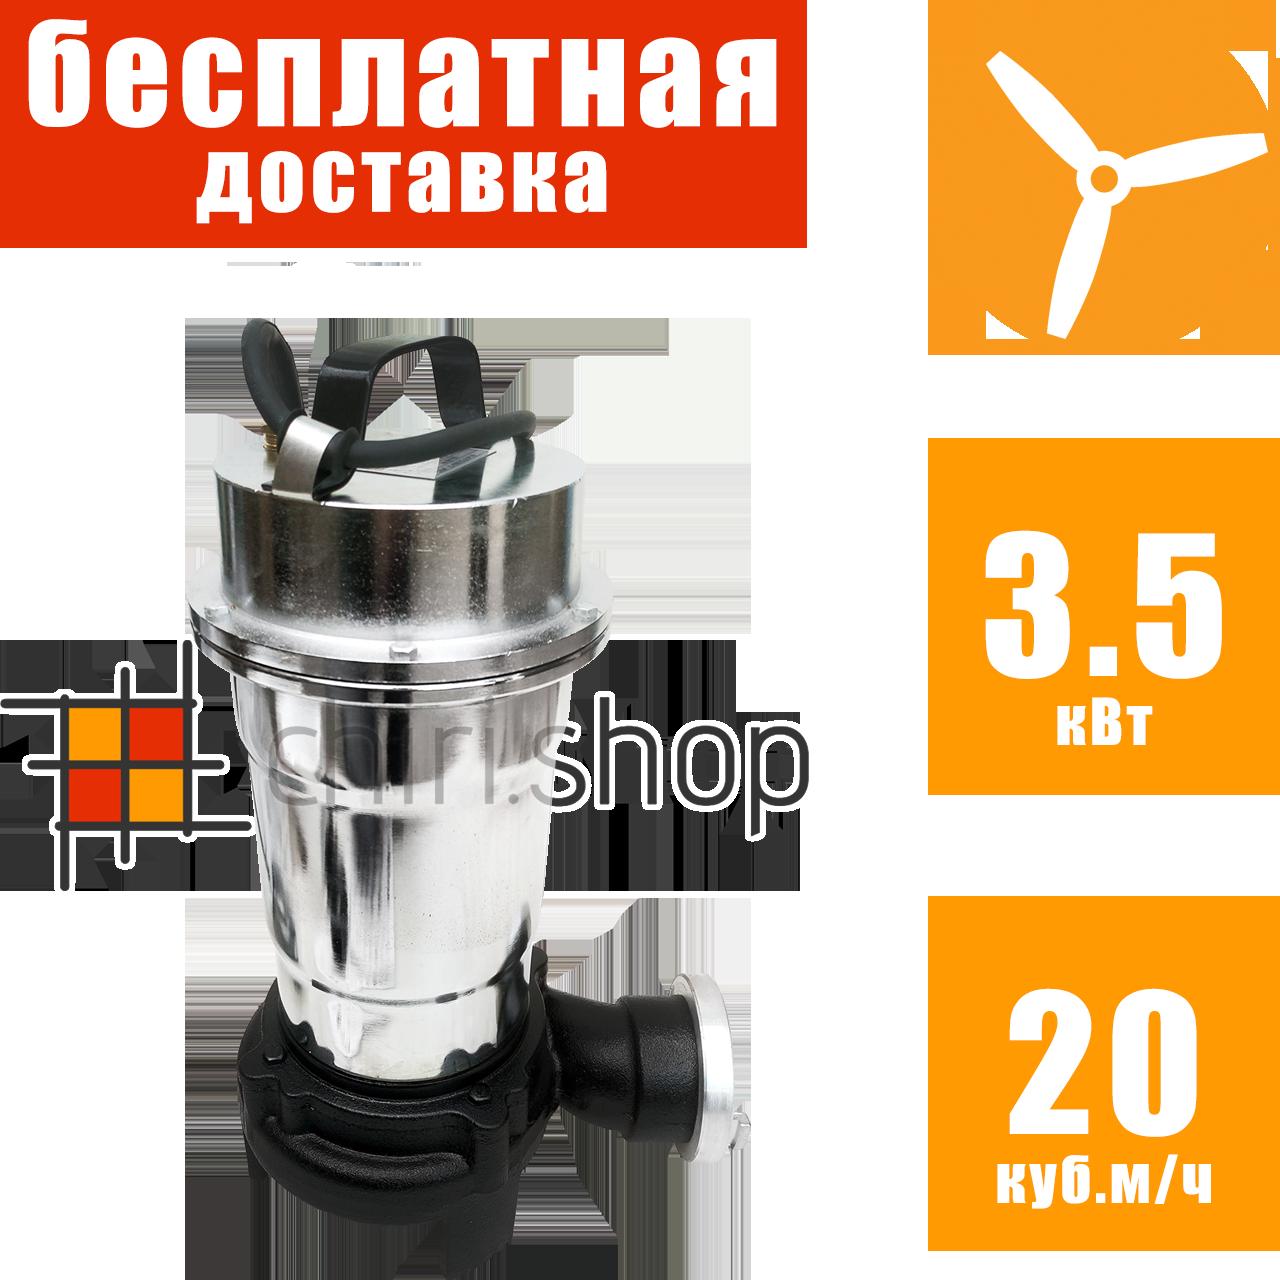 Фекальный насос с измельчителем Onex OX-5045 20 куб.м/ч, дренажный насос с двойными ножами для выгребных ям